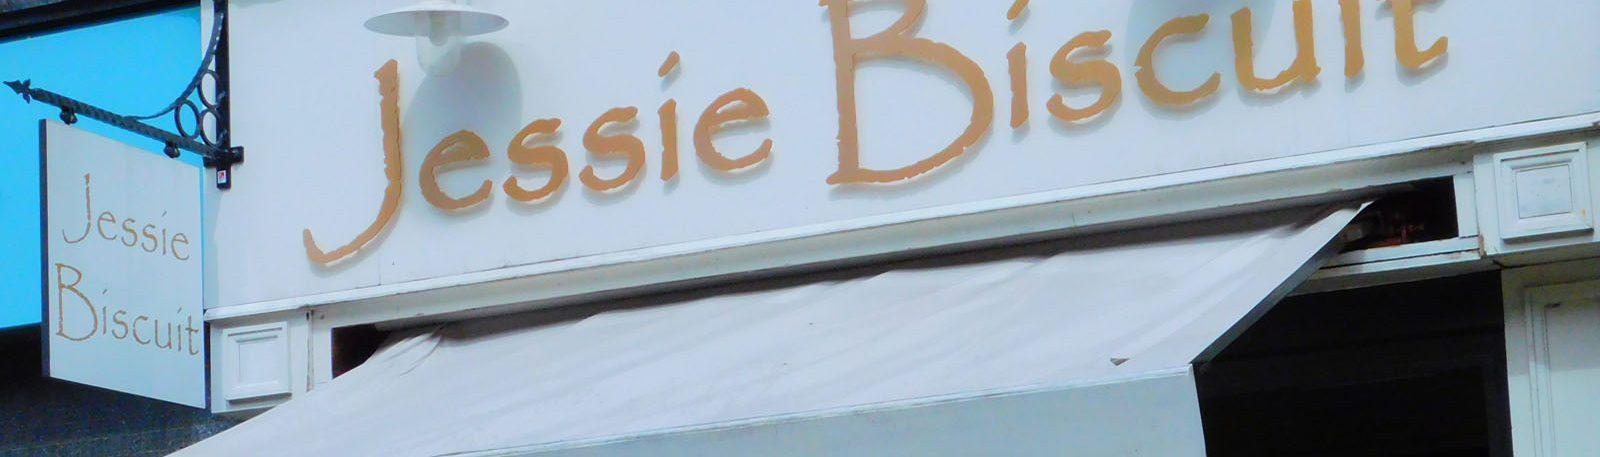 Jessie Biscuit cafe in Milngavie